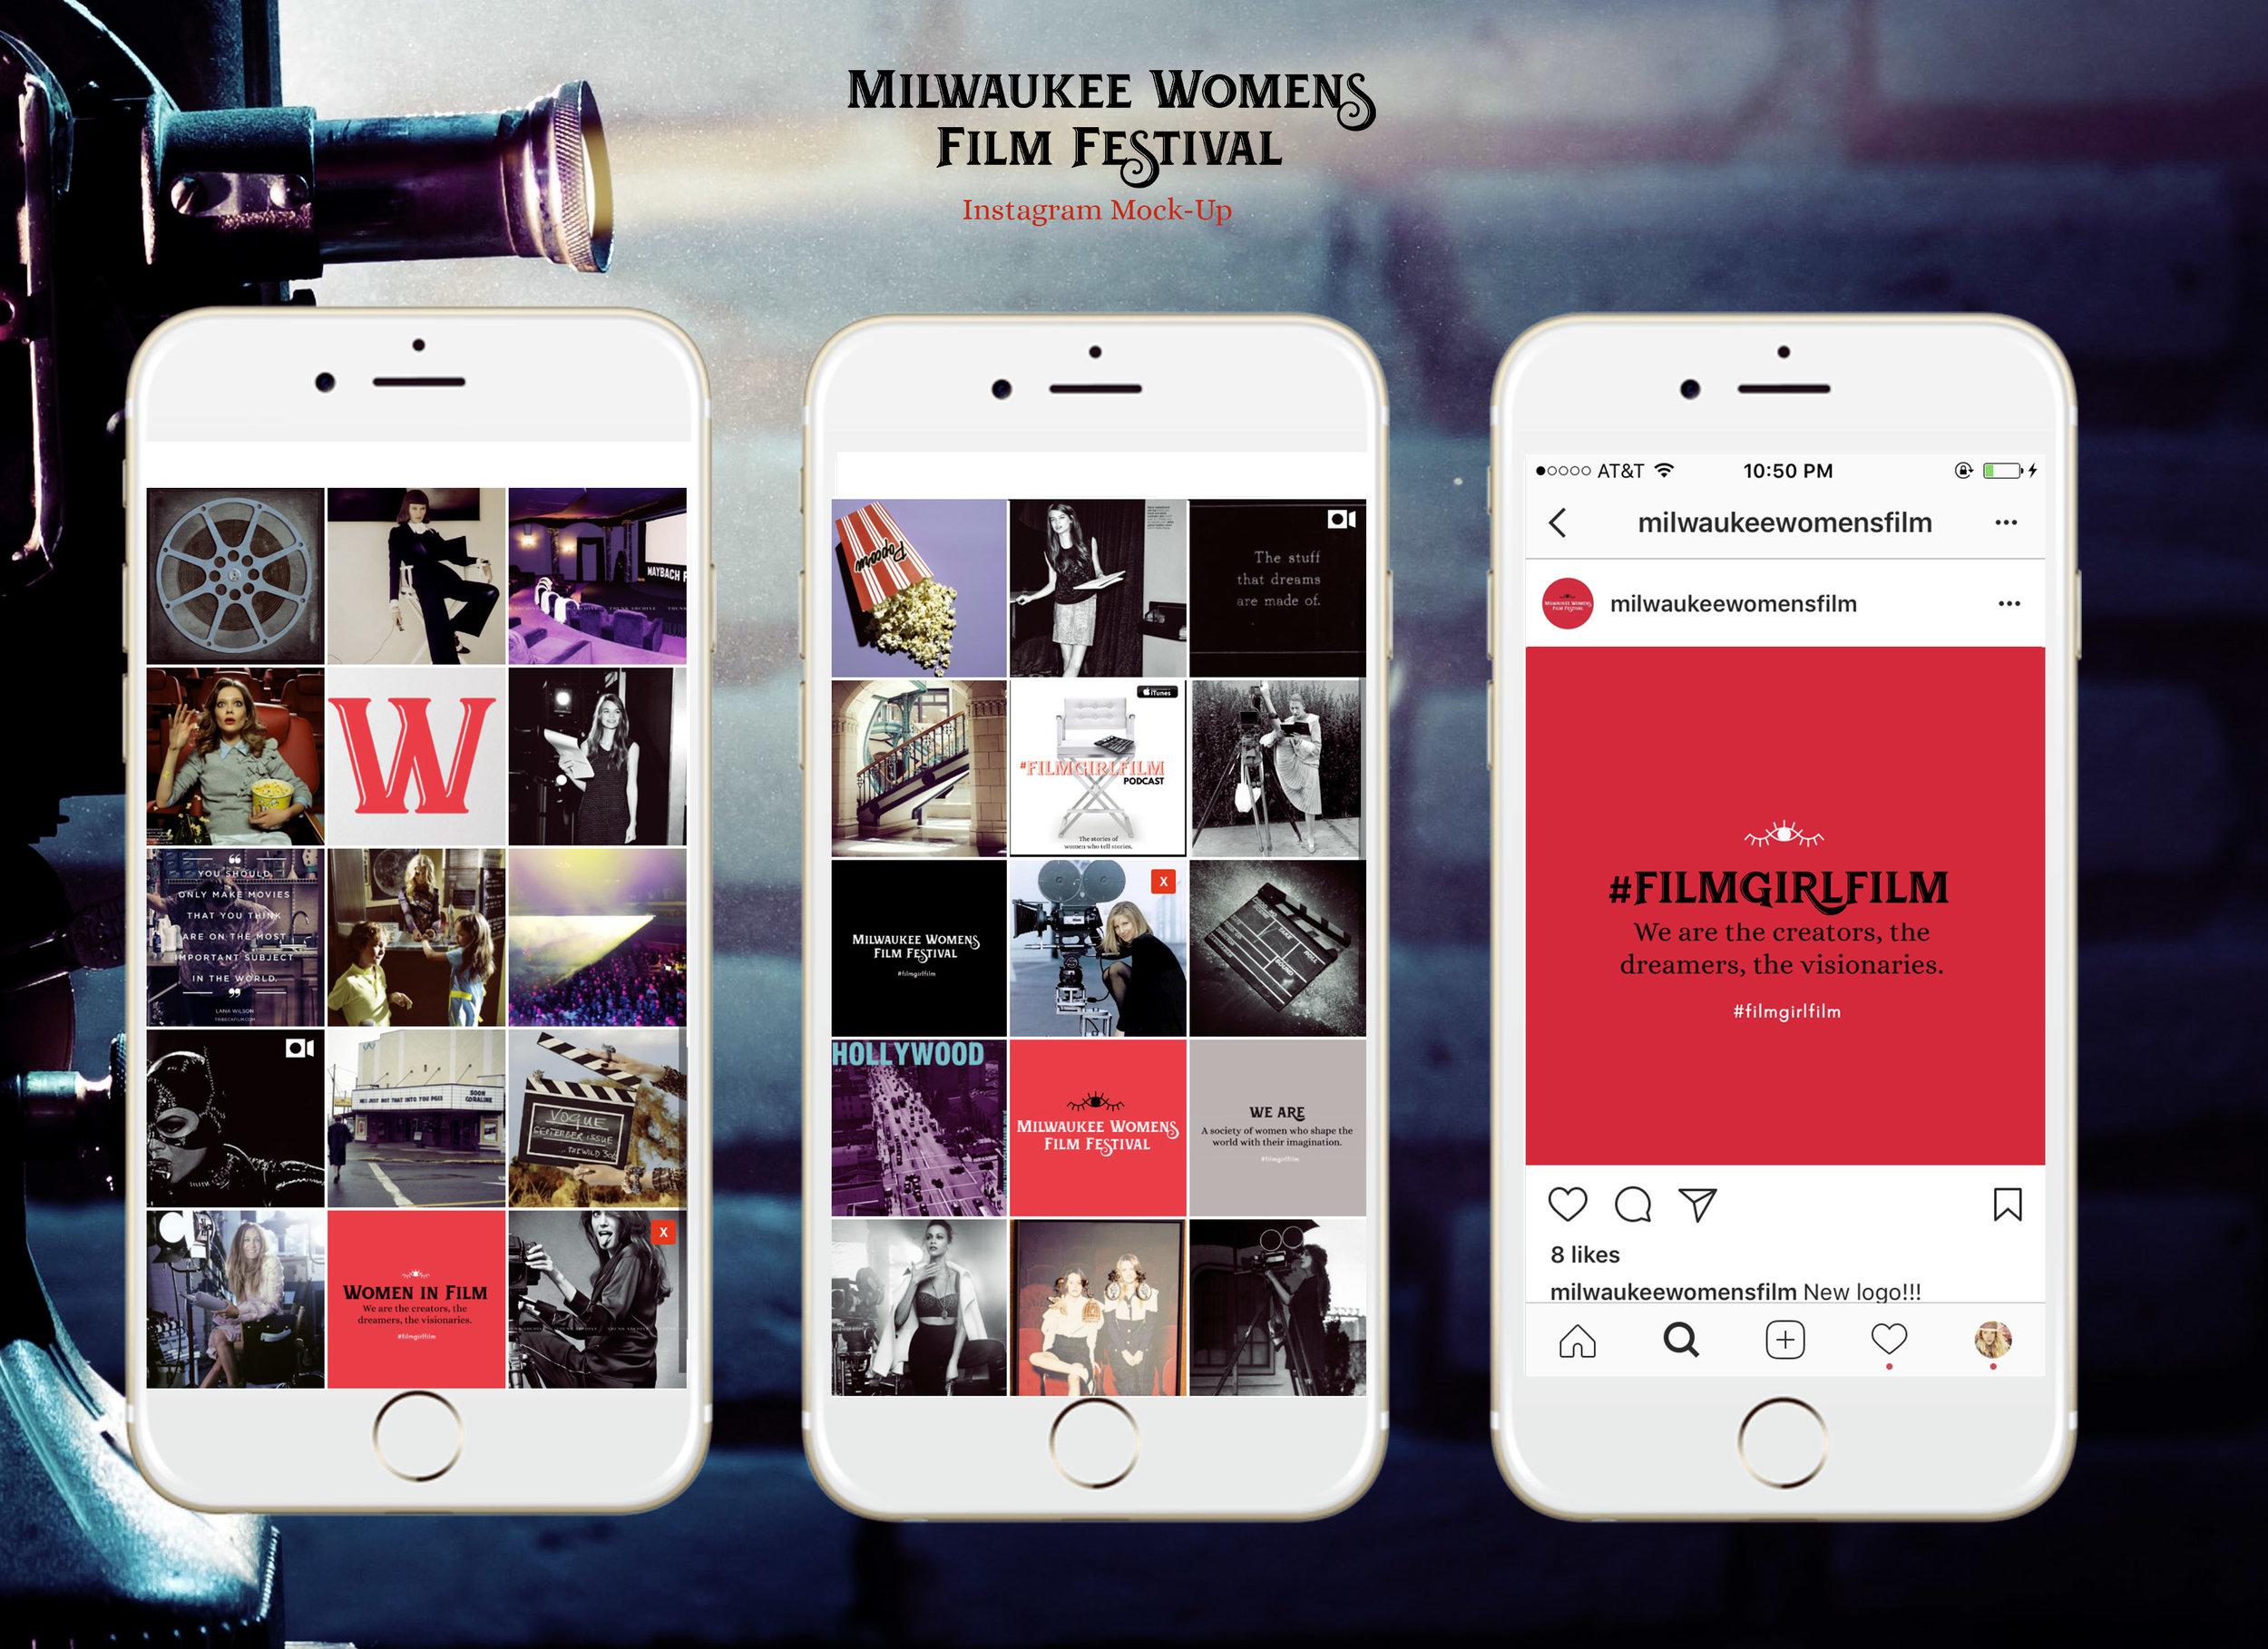 MILWAUKEE WOMENS FILM FESTIVAL INSTAGRAM FLOW MOCK UP 2.jpg